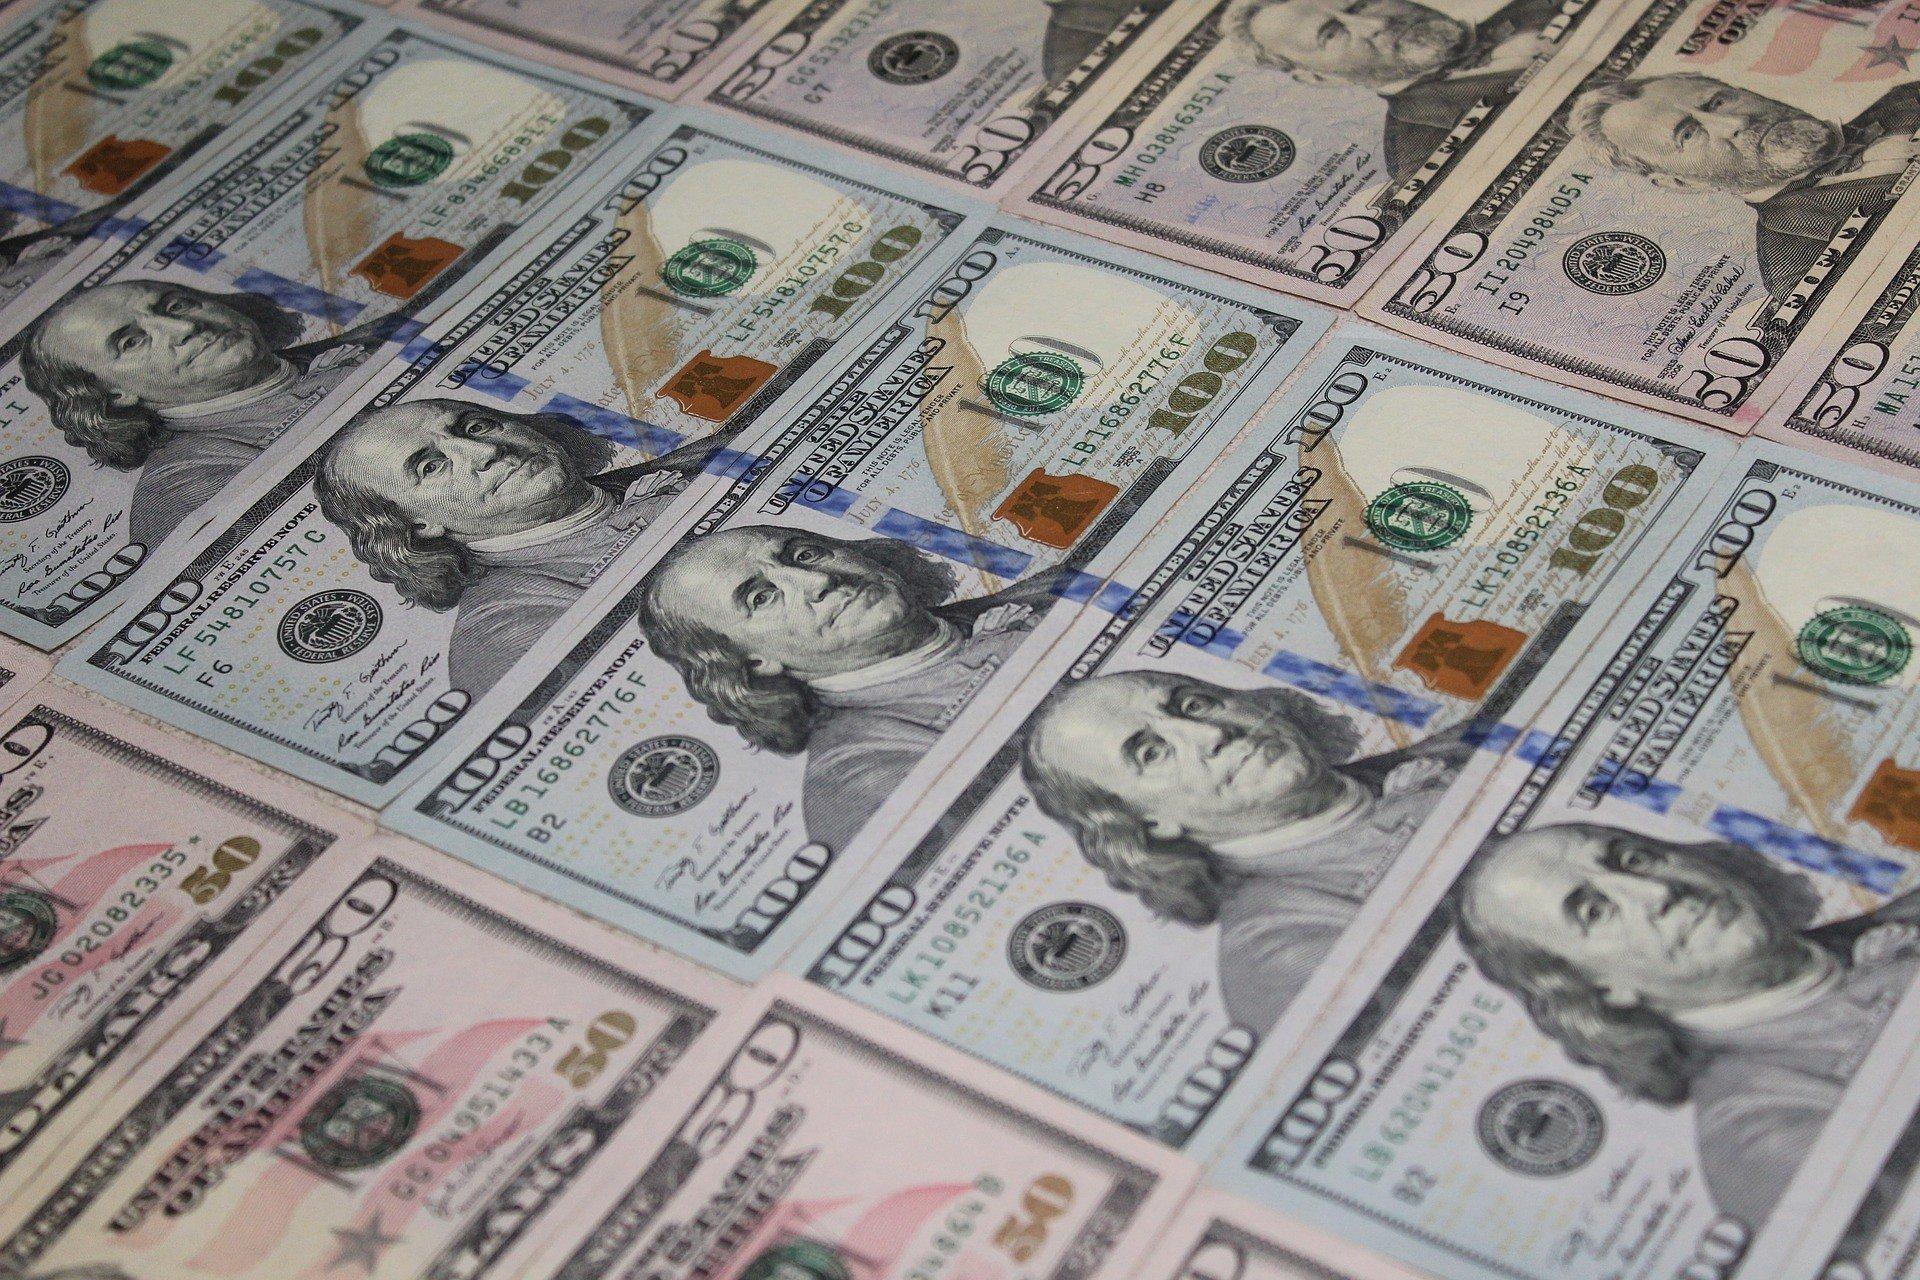 Нацбанк потратил миллиард для спасения гривны. Что дальше - Бизнес и Финансы - Курс Украины